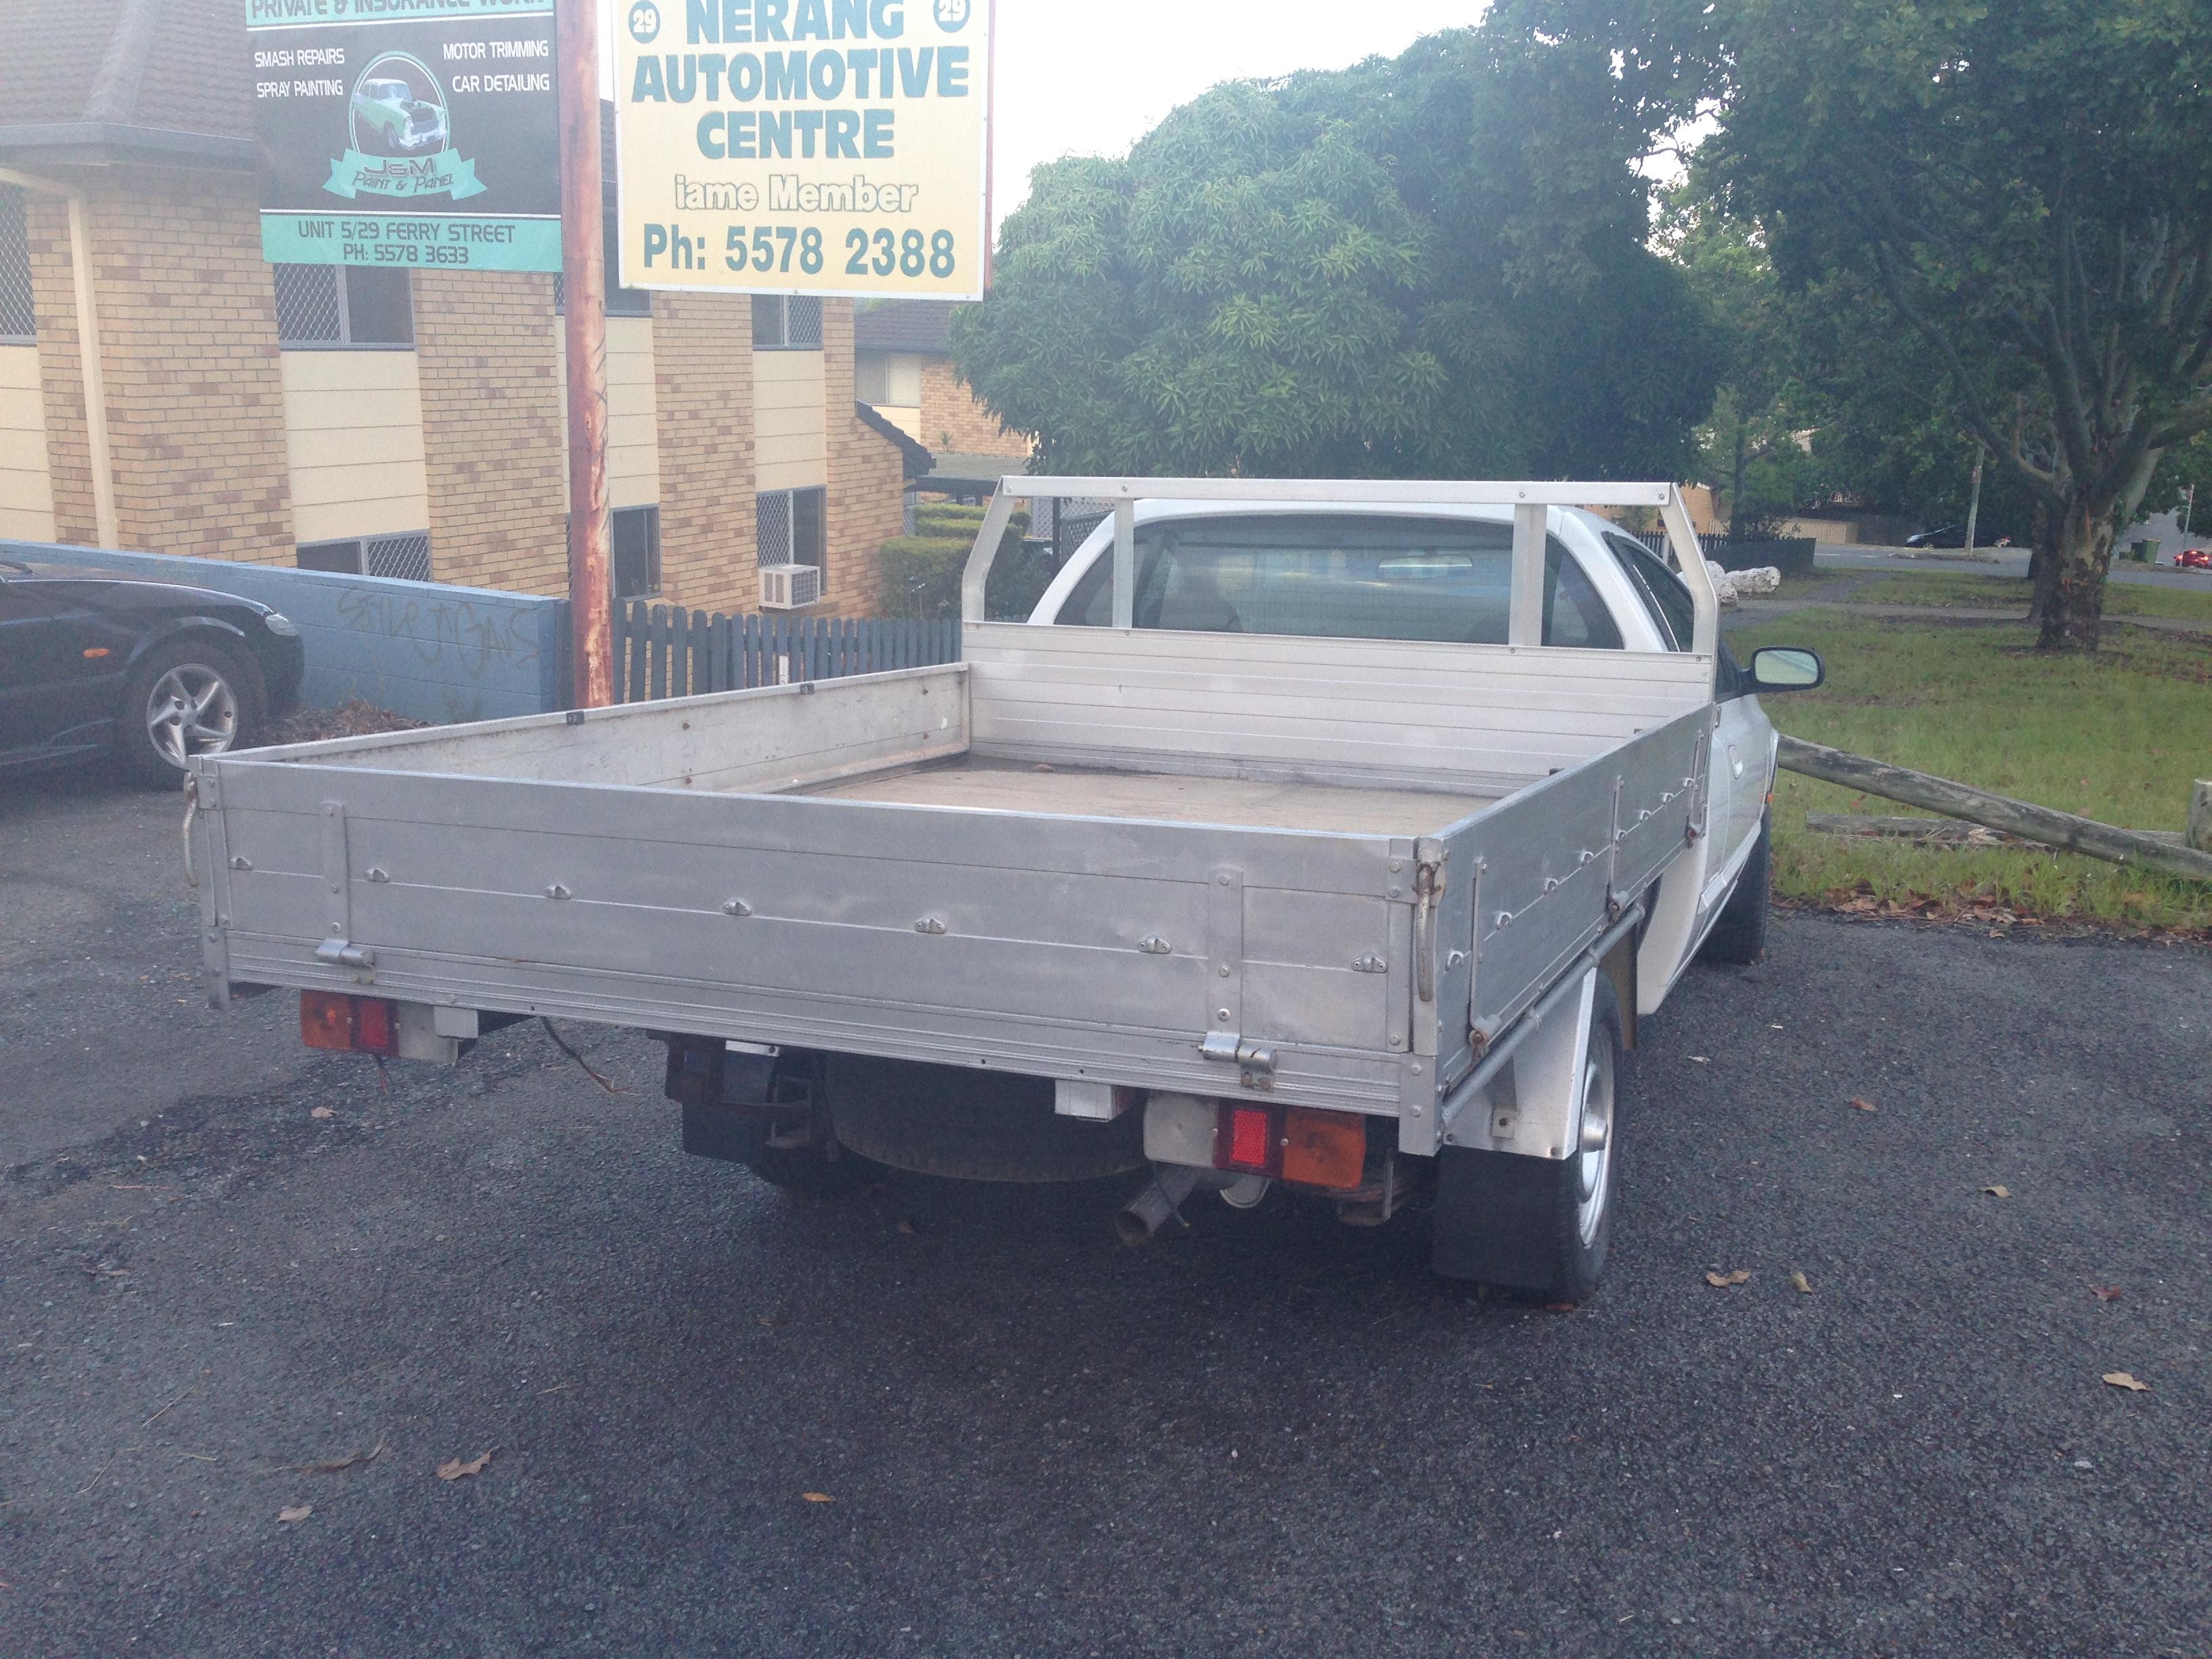 Hail Damage Car Sale Brisbane